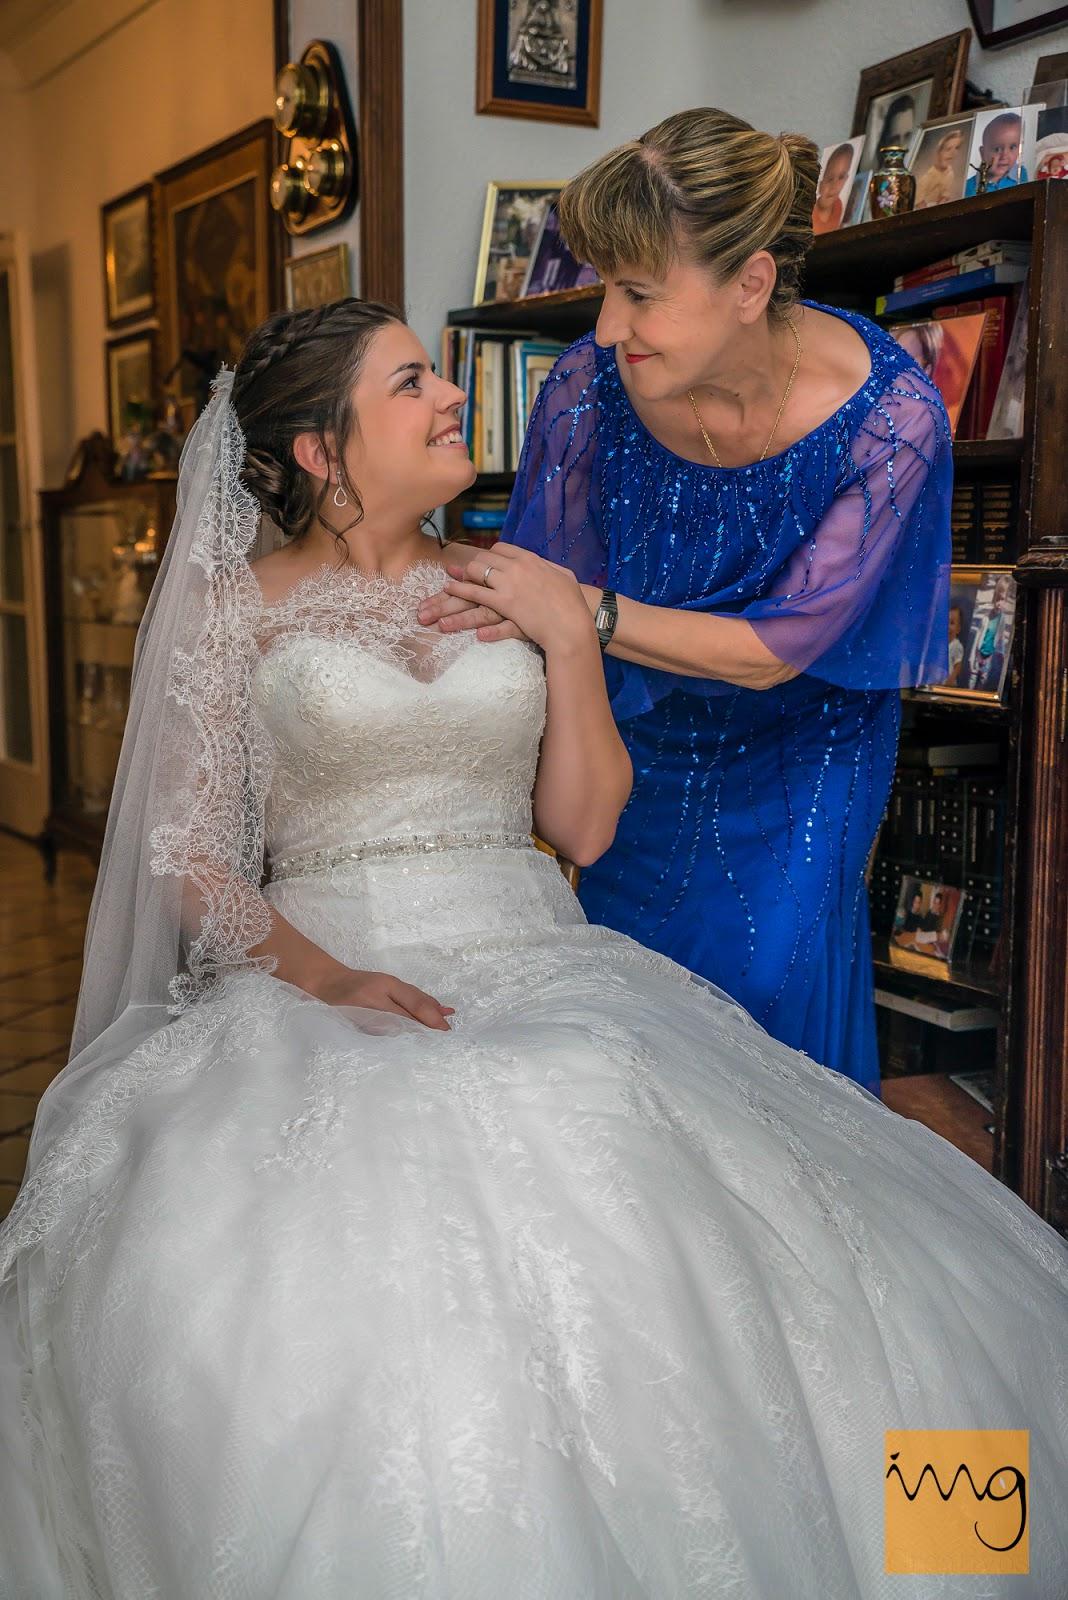 Fotografía de boda, sonrisas cómplices